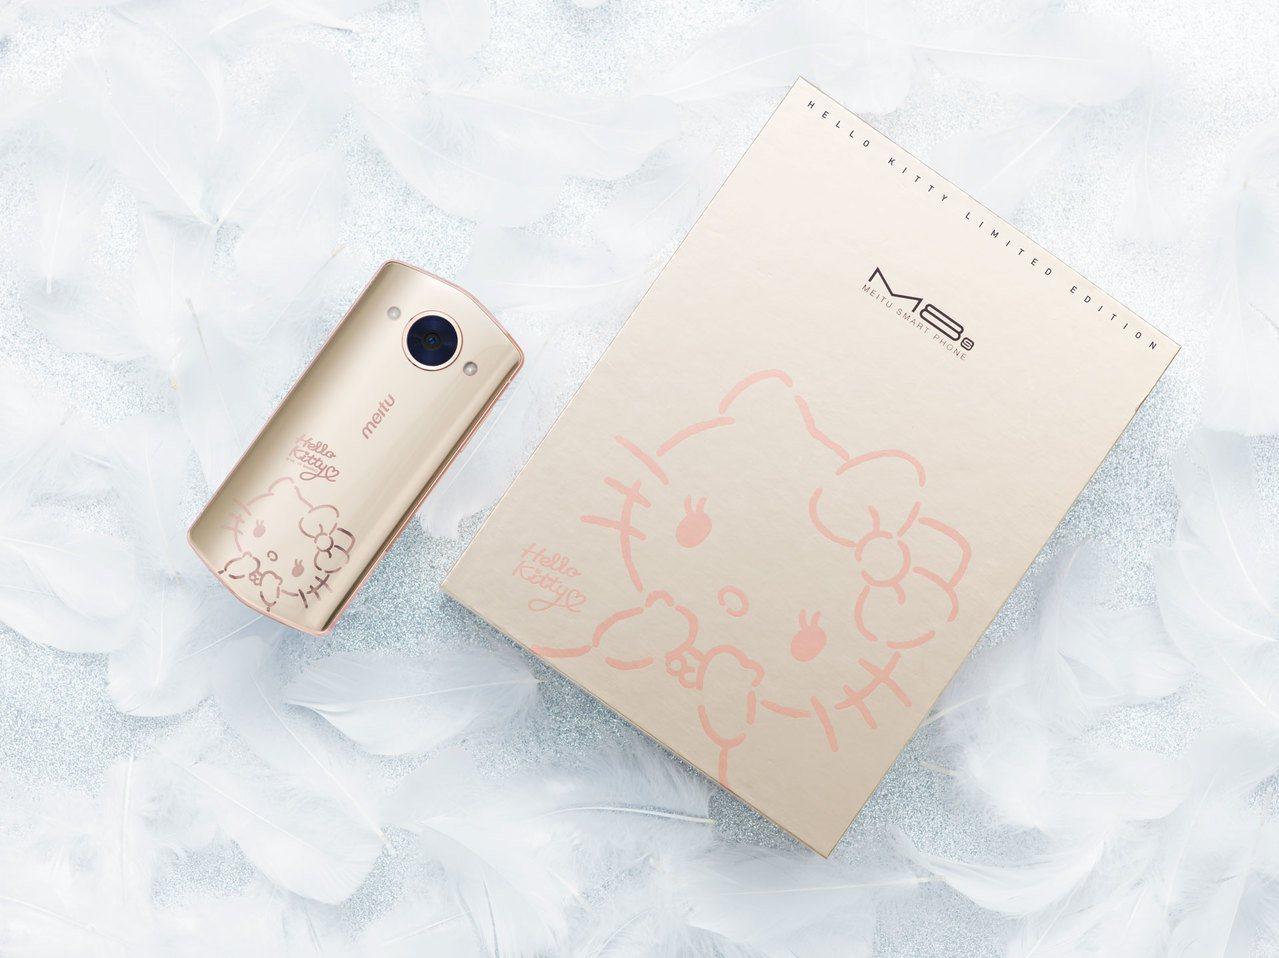 美圖M8s第5代Hello Kitty限量版12月4日至12月8日在momo購物...